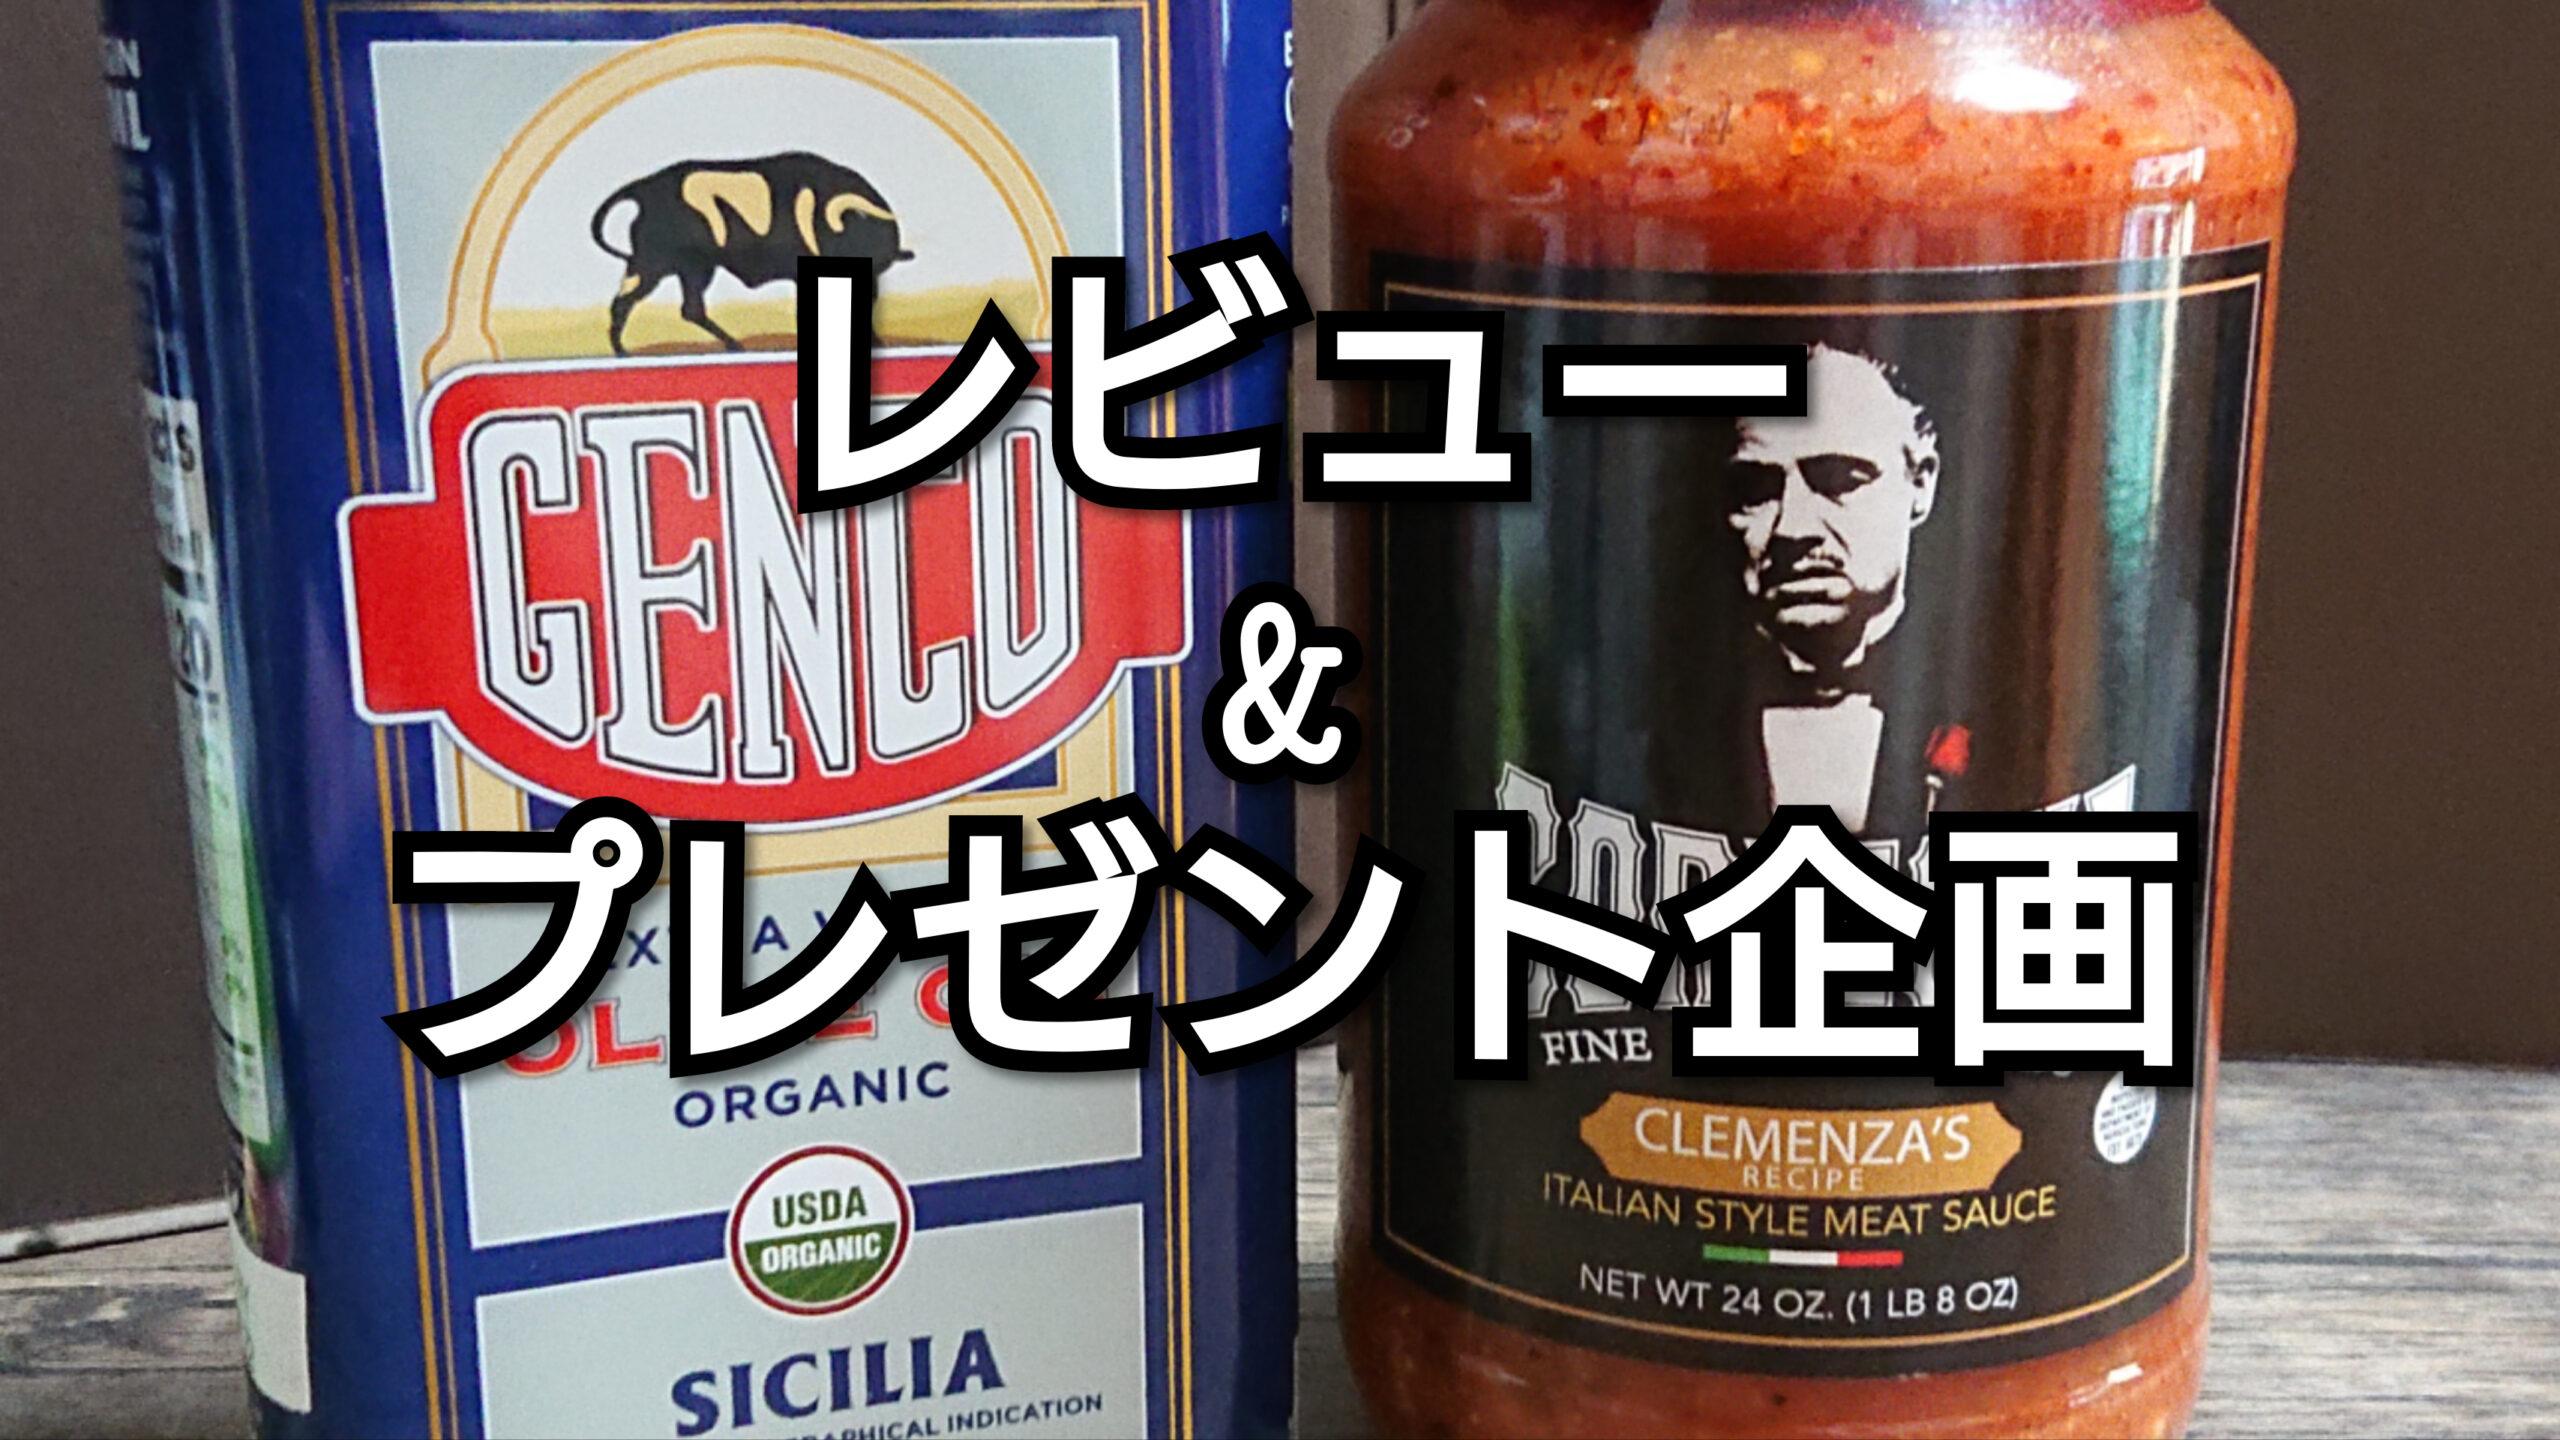 クレメンザのソース&ジェンコオリーブオイルレビュー